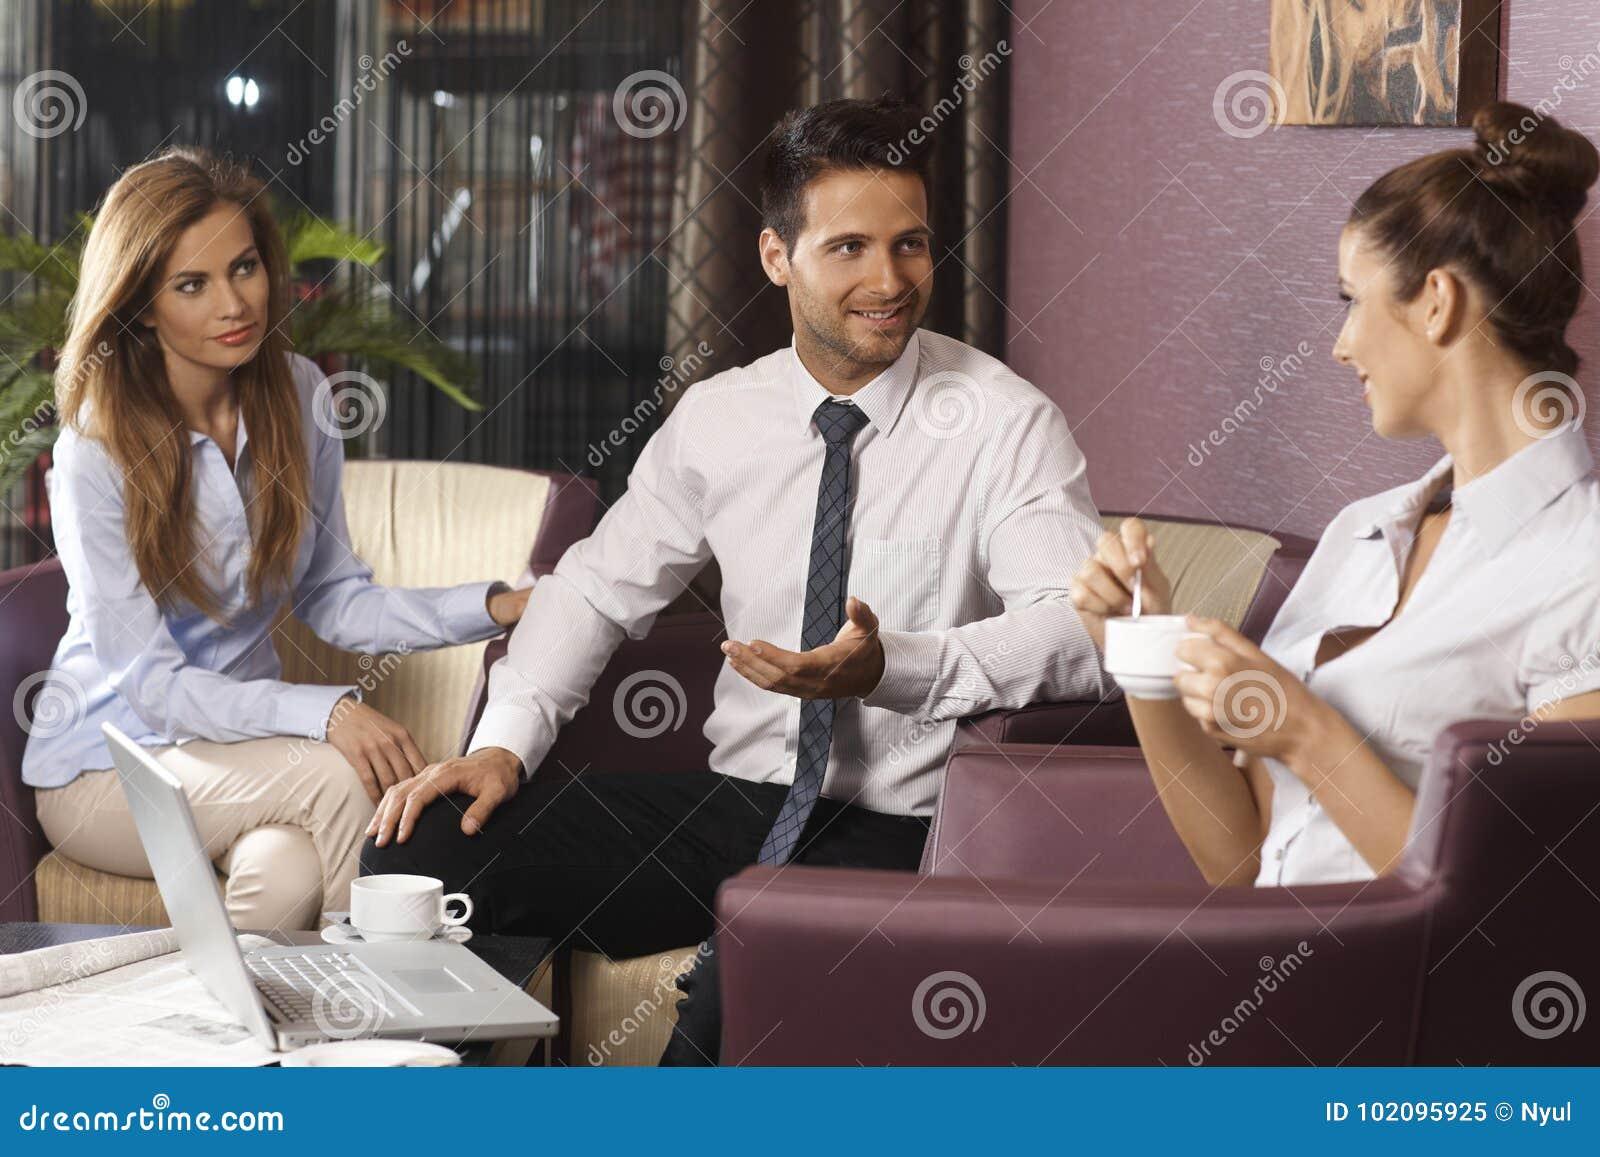 Businessteam работая поздно на лобби или баре гостиницы